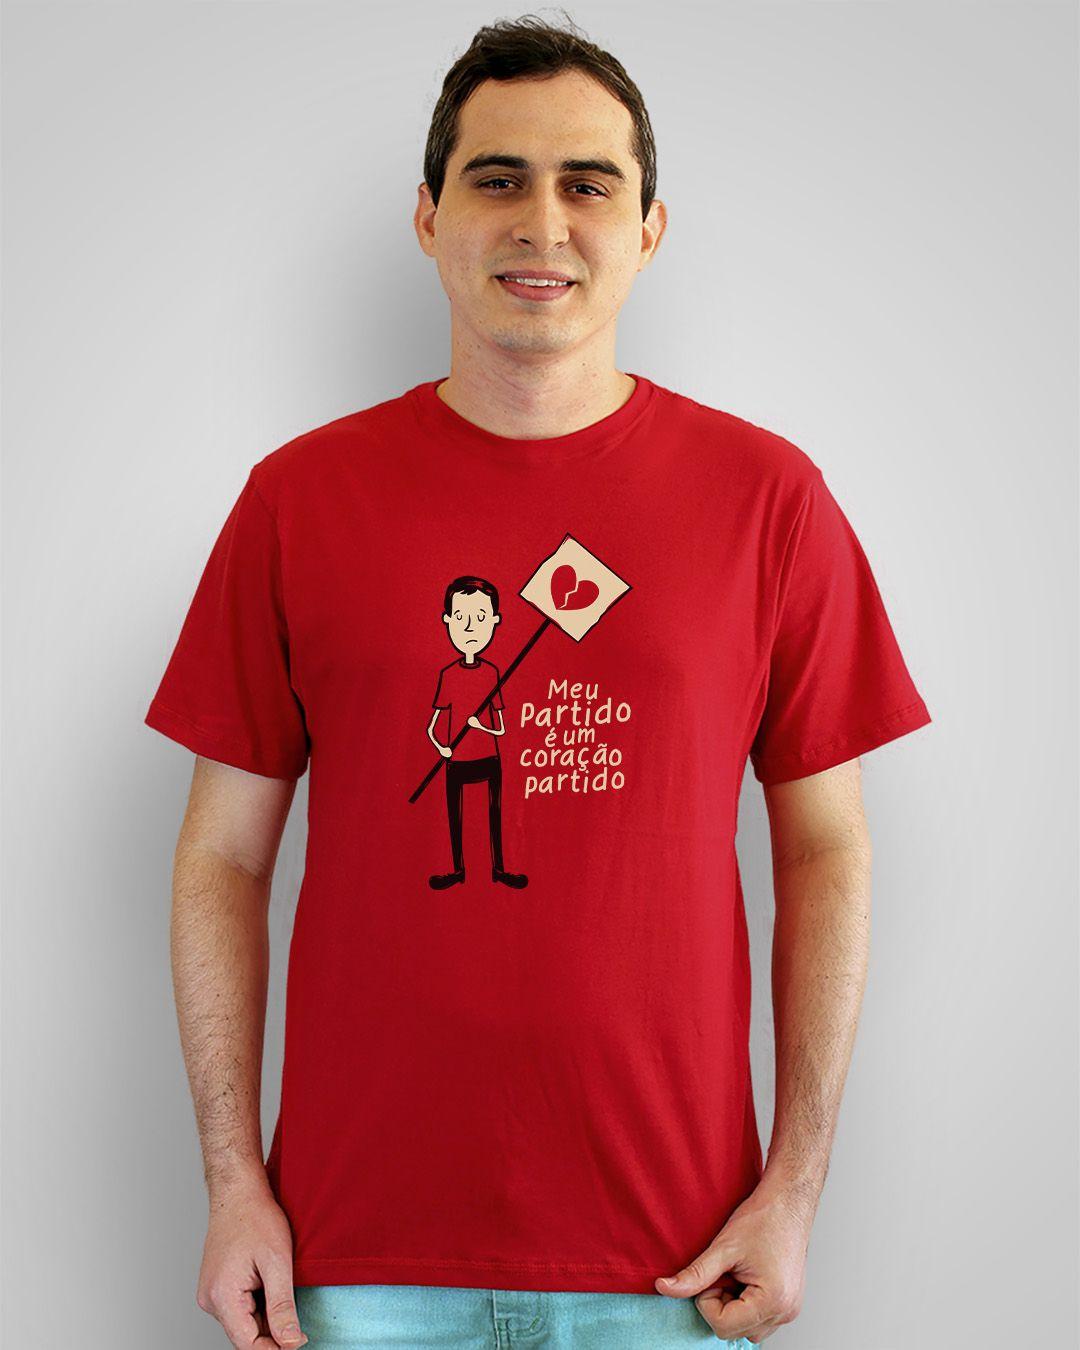 Camiseta Meu partido é um coração partido - Cazuza